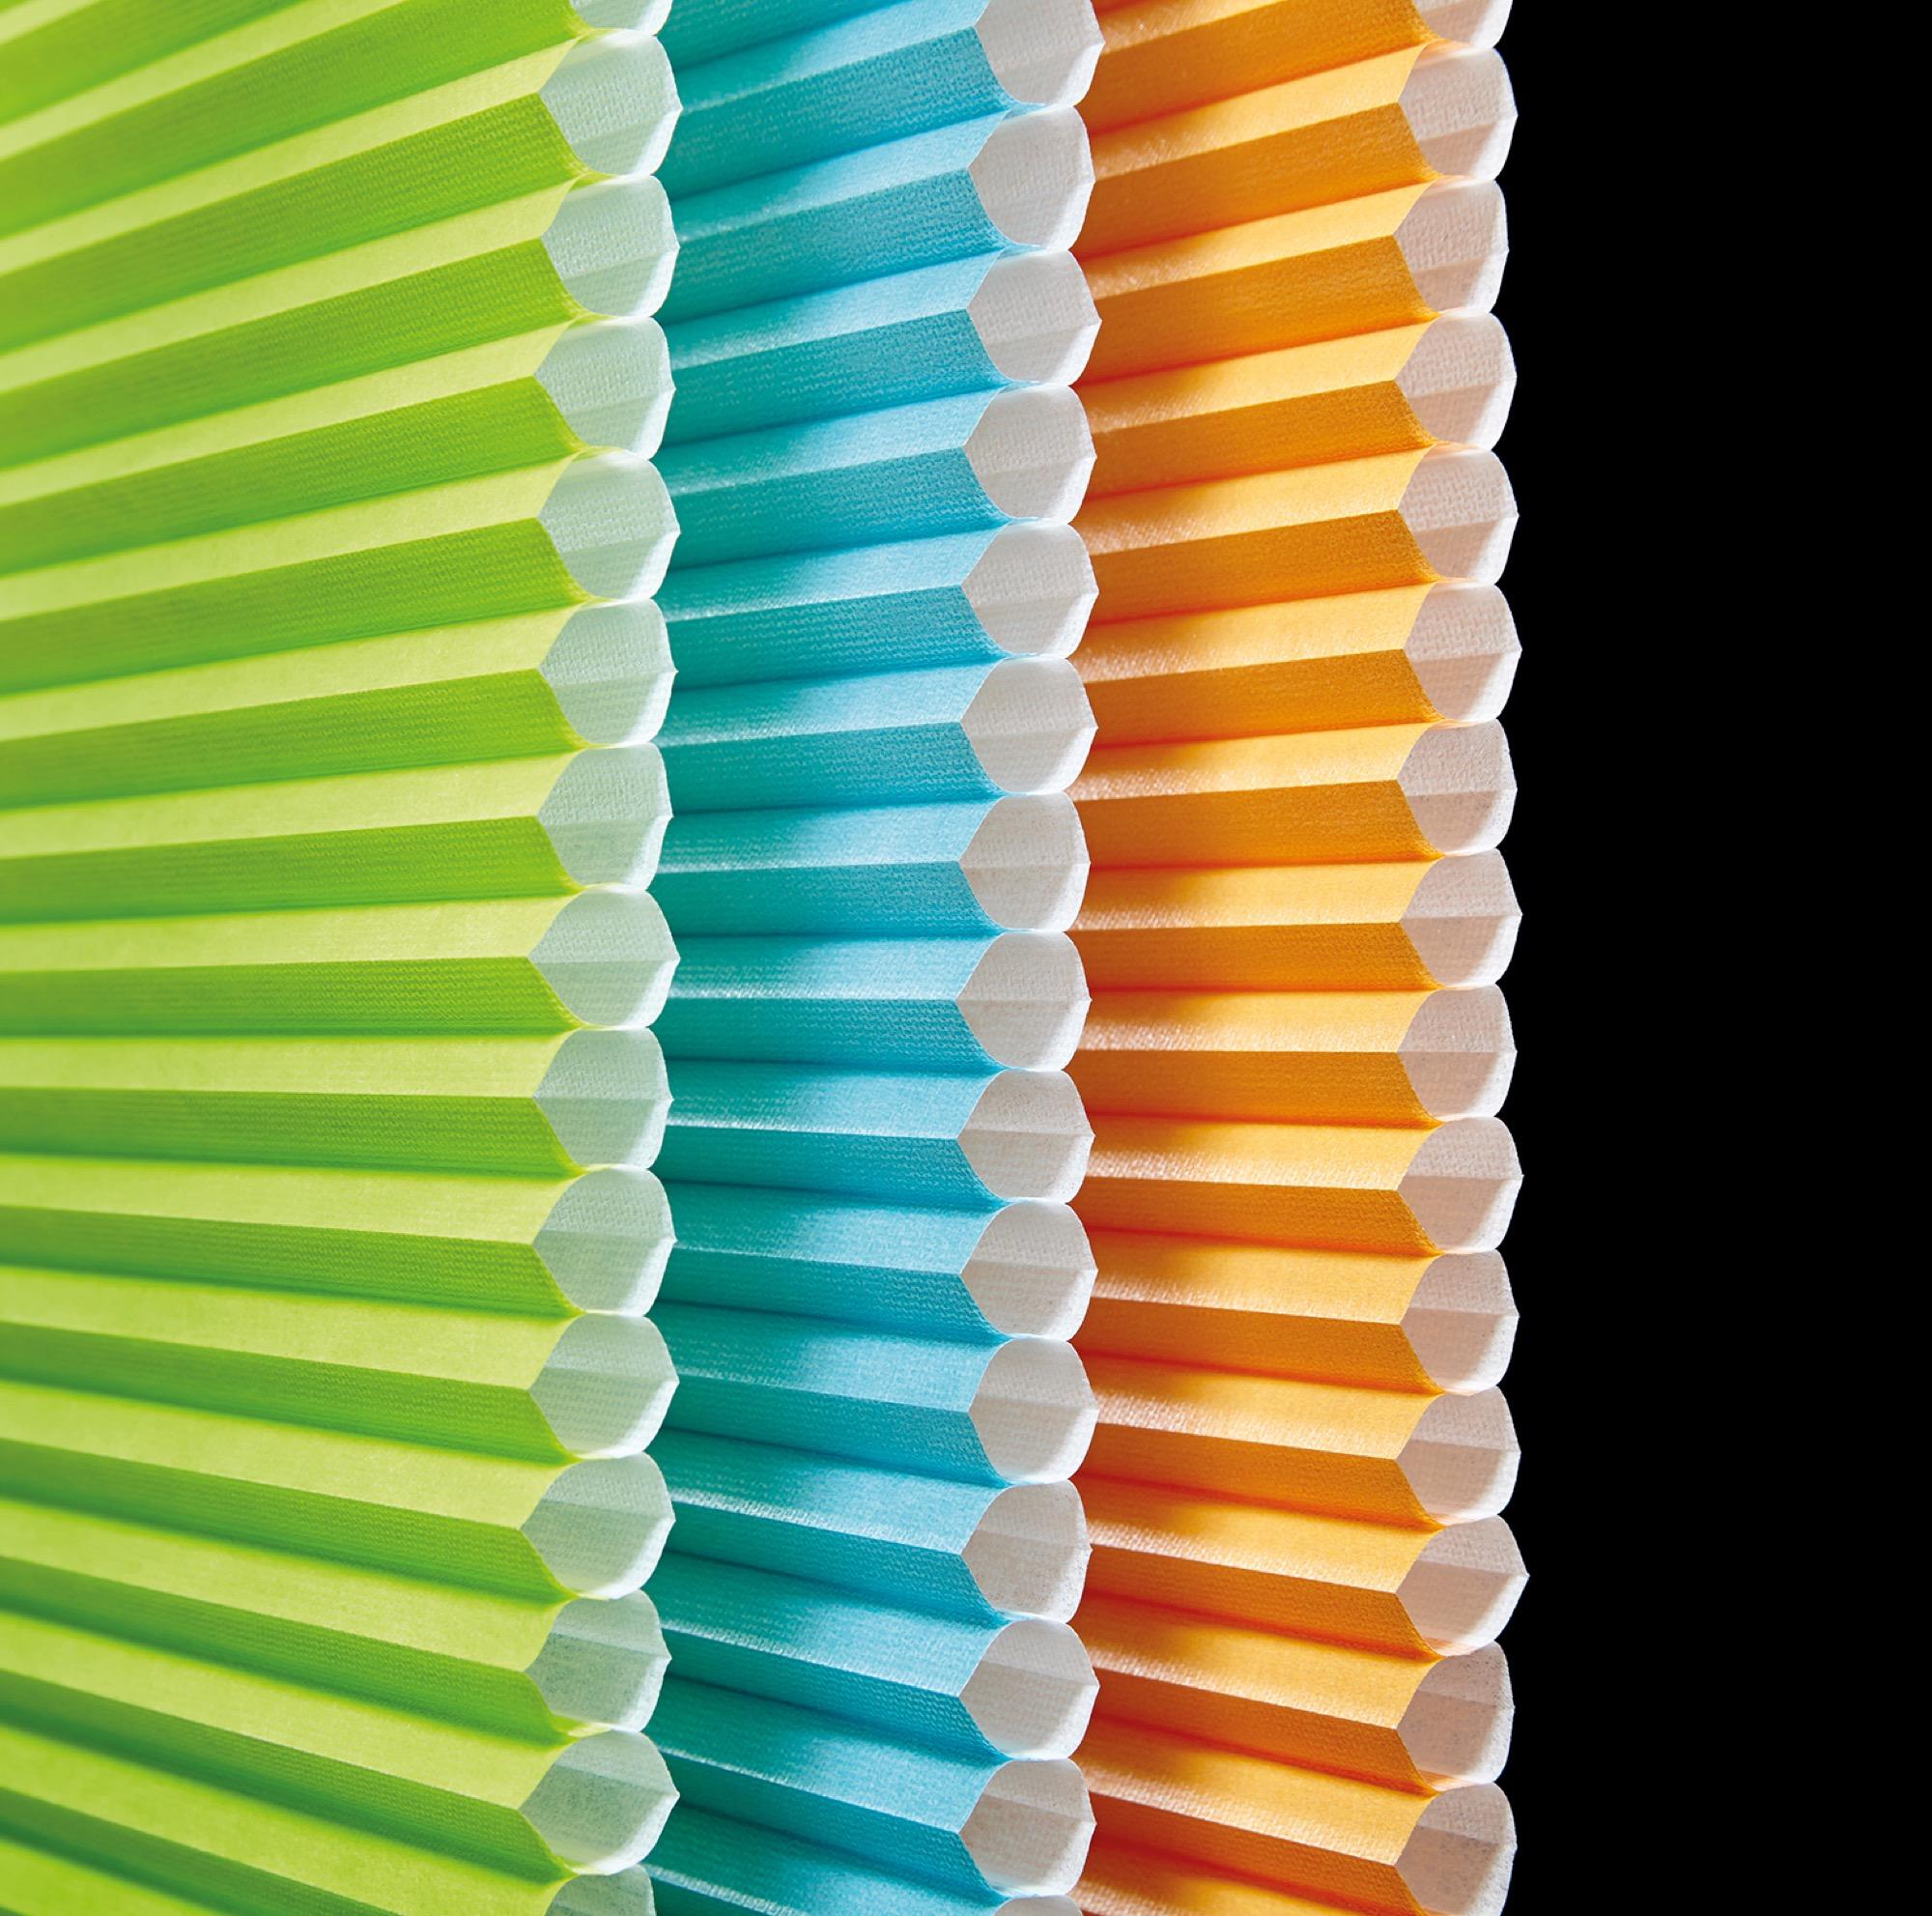 Herbst-Angebot: 10% Rabatt Auf Sonnenschutz Kollektion